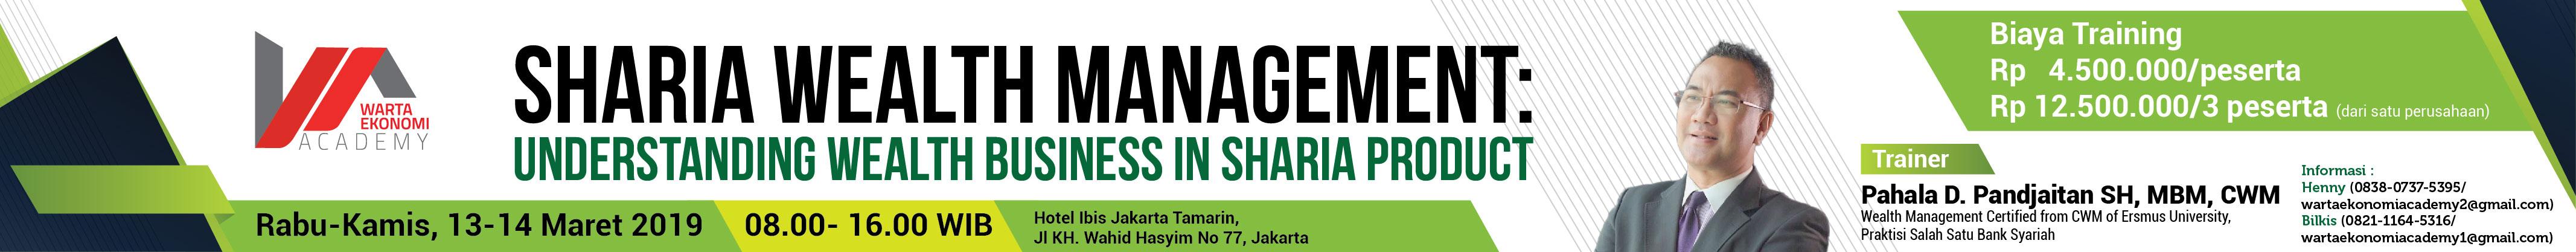 Sharia wealth management